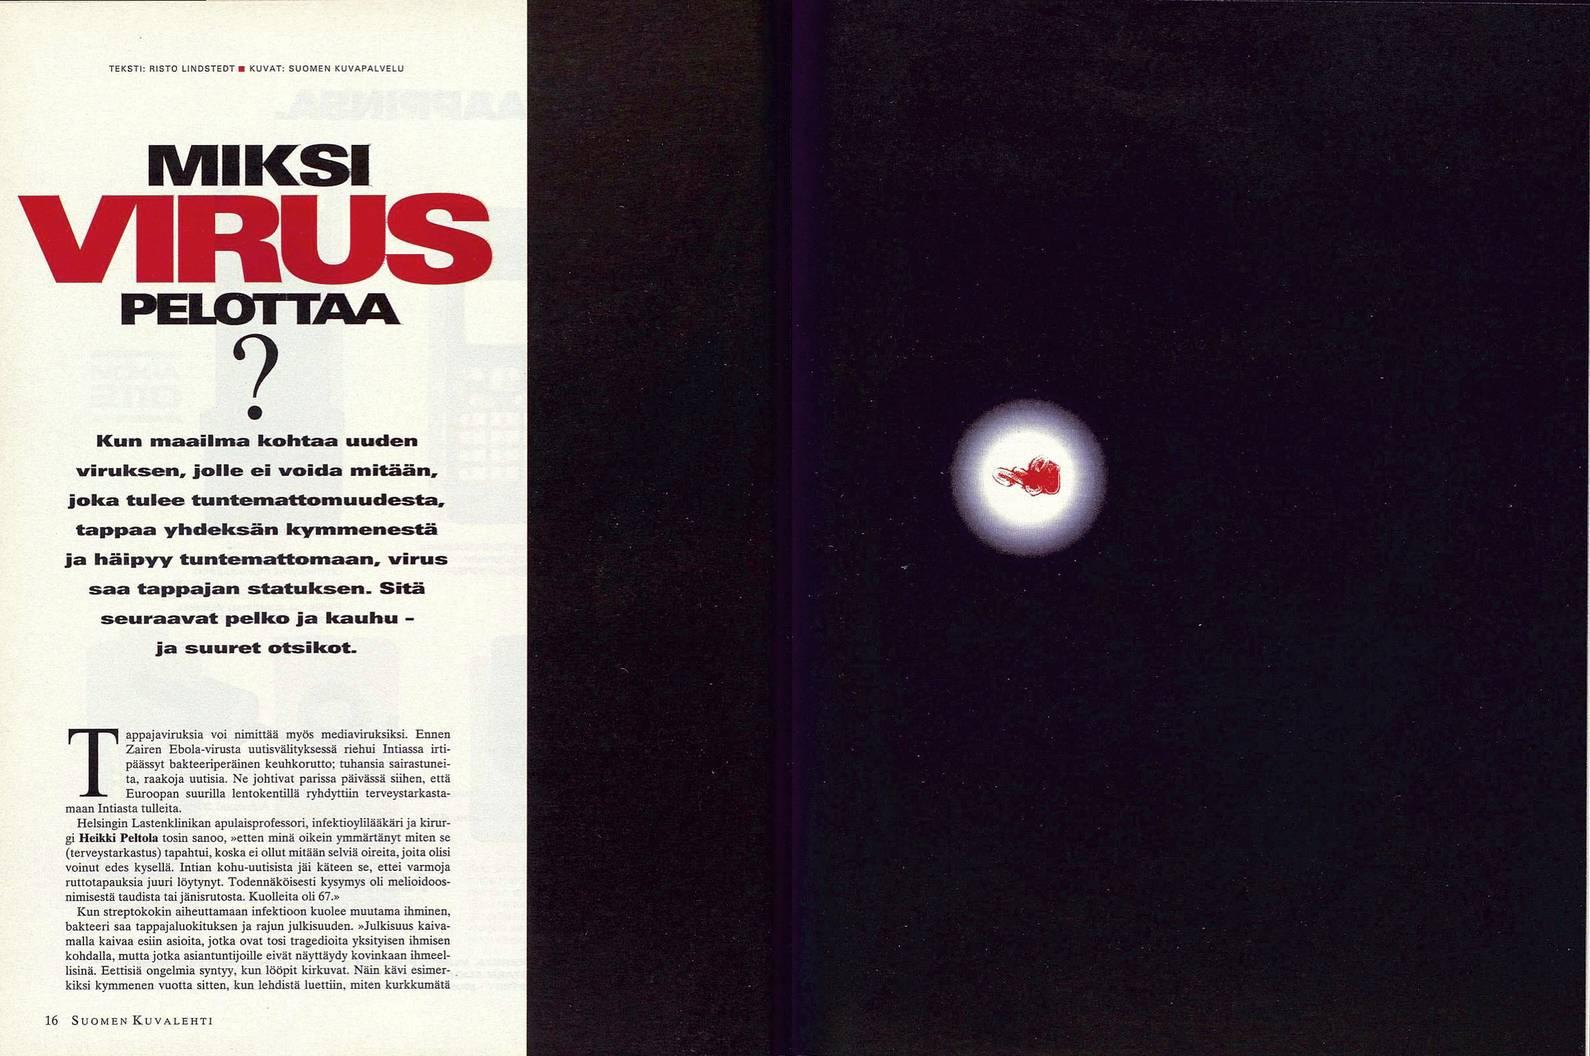 """SK 21/1995 (26.5.1995) Risto Lindstedt: """"Miksi virus pelottaa?"""""""